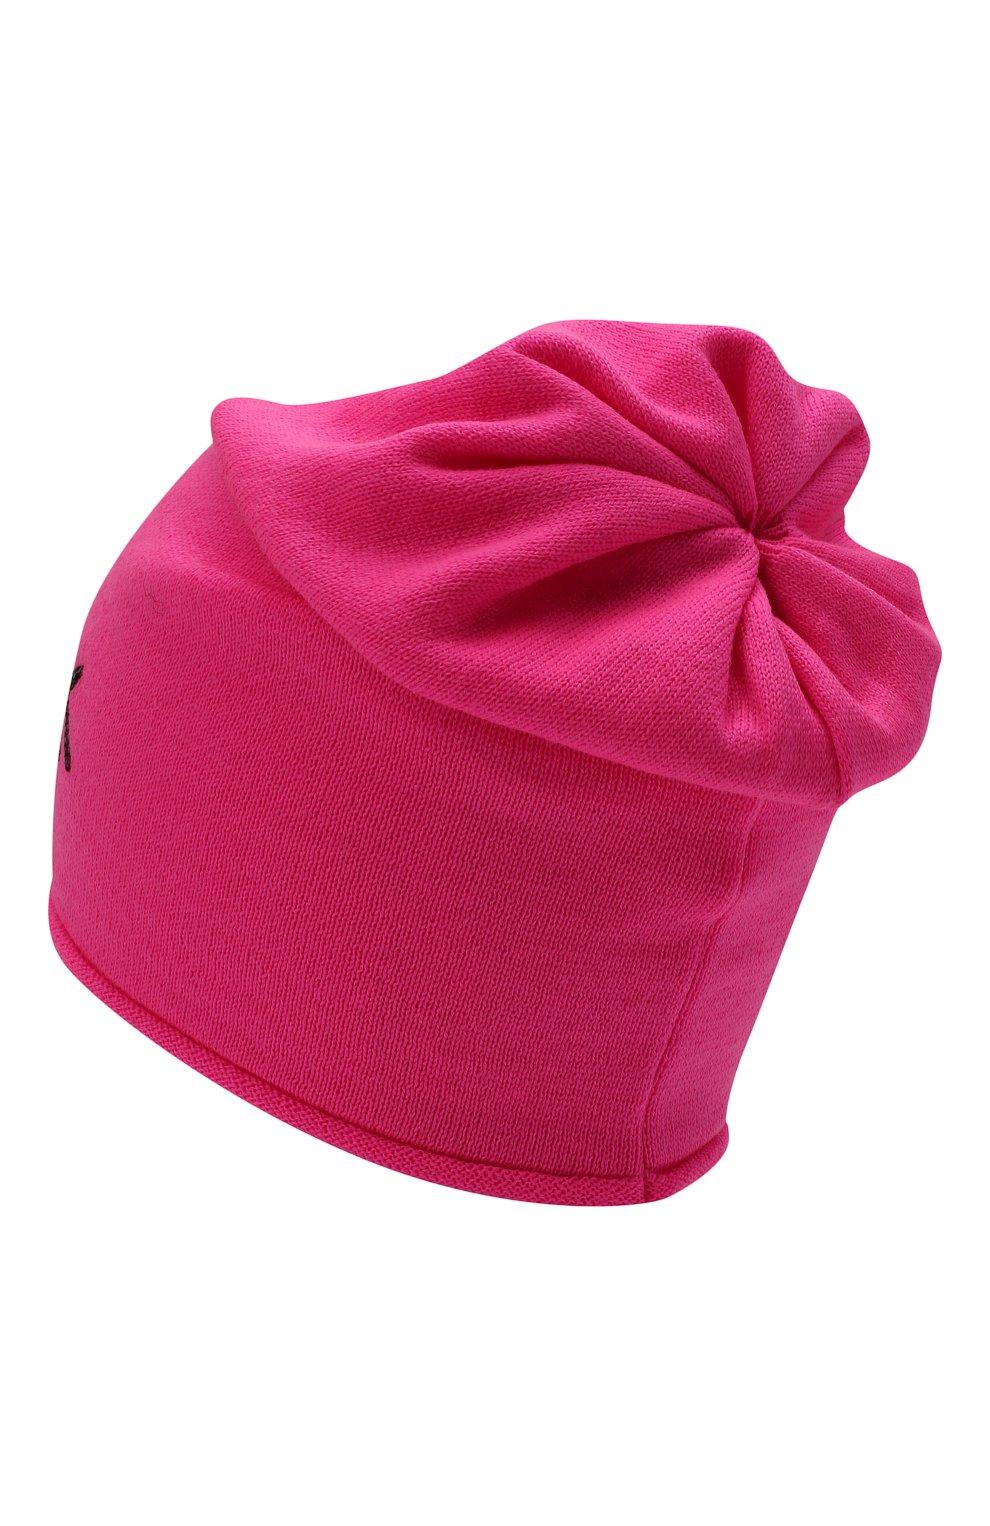 Детского шерстяная шапка CATYA фуксия цвета, арт. 125663 | Фото 2 (Материал: Шерсть)